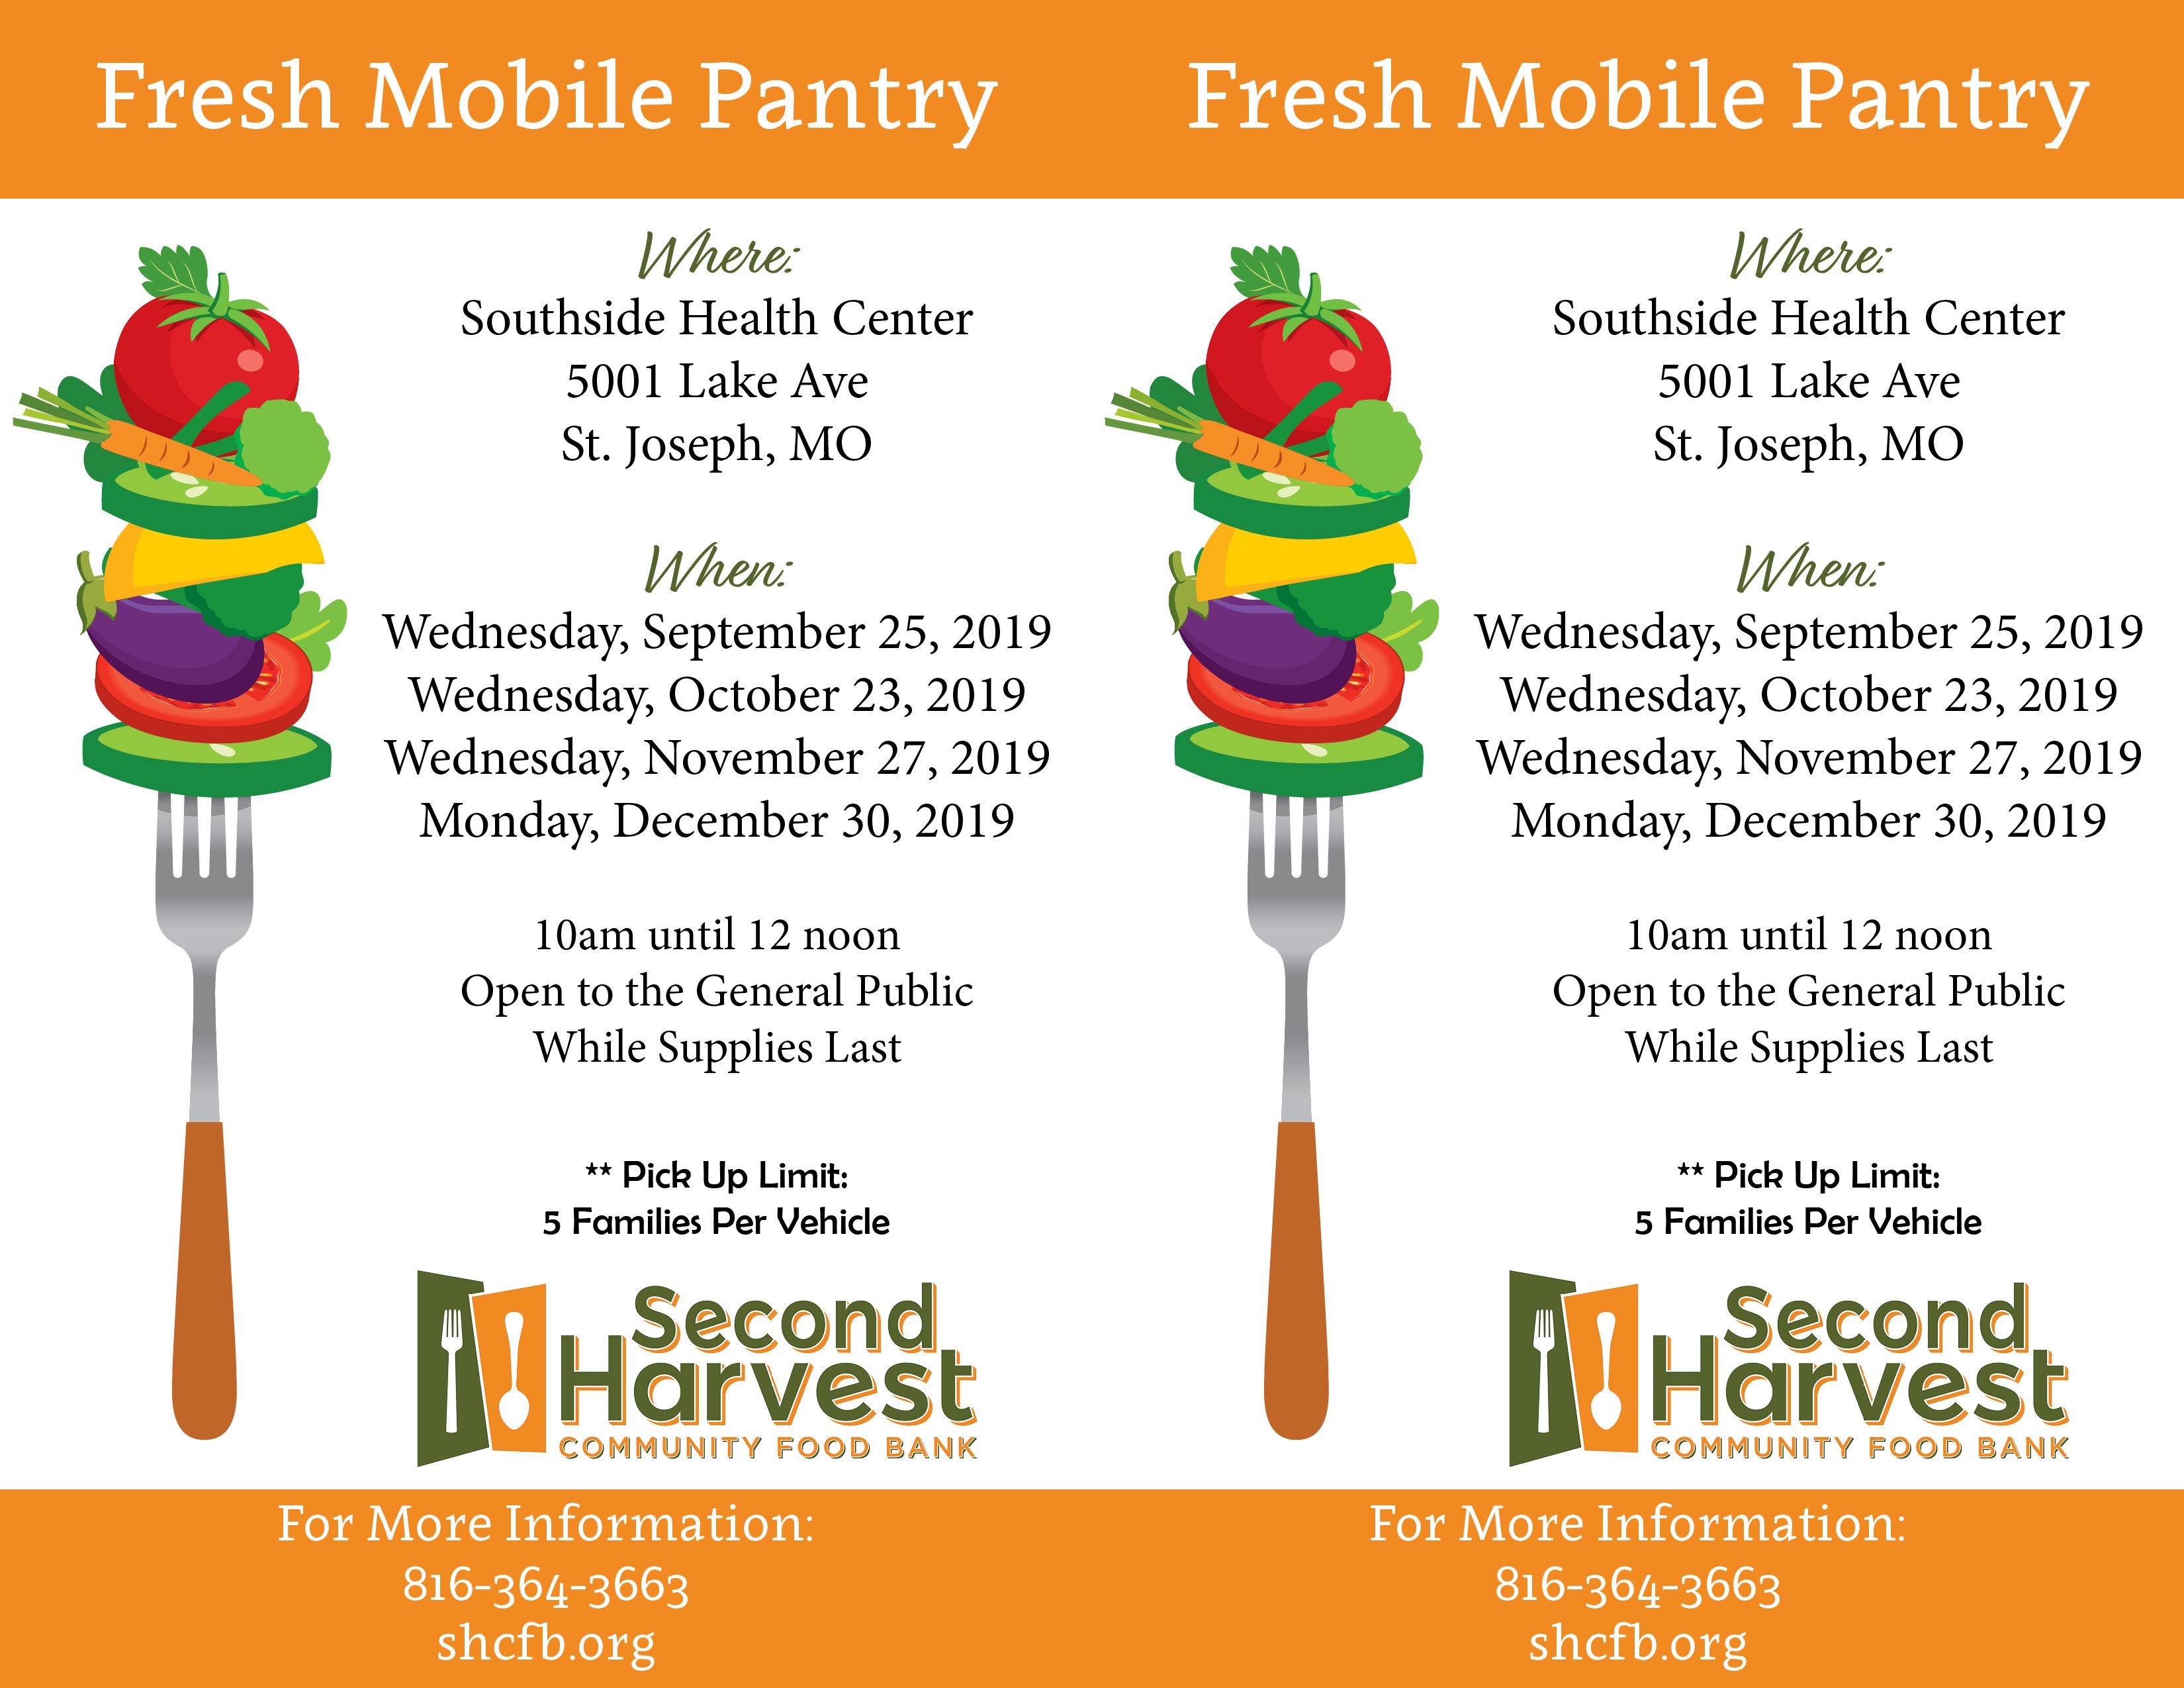 Southside St. Joseph Fresh Mobile Pantry